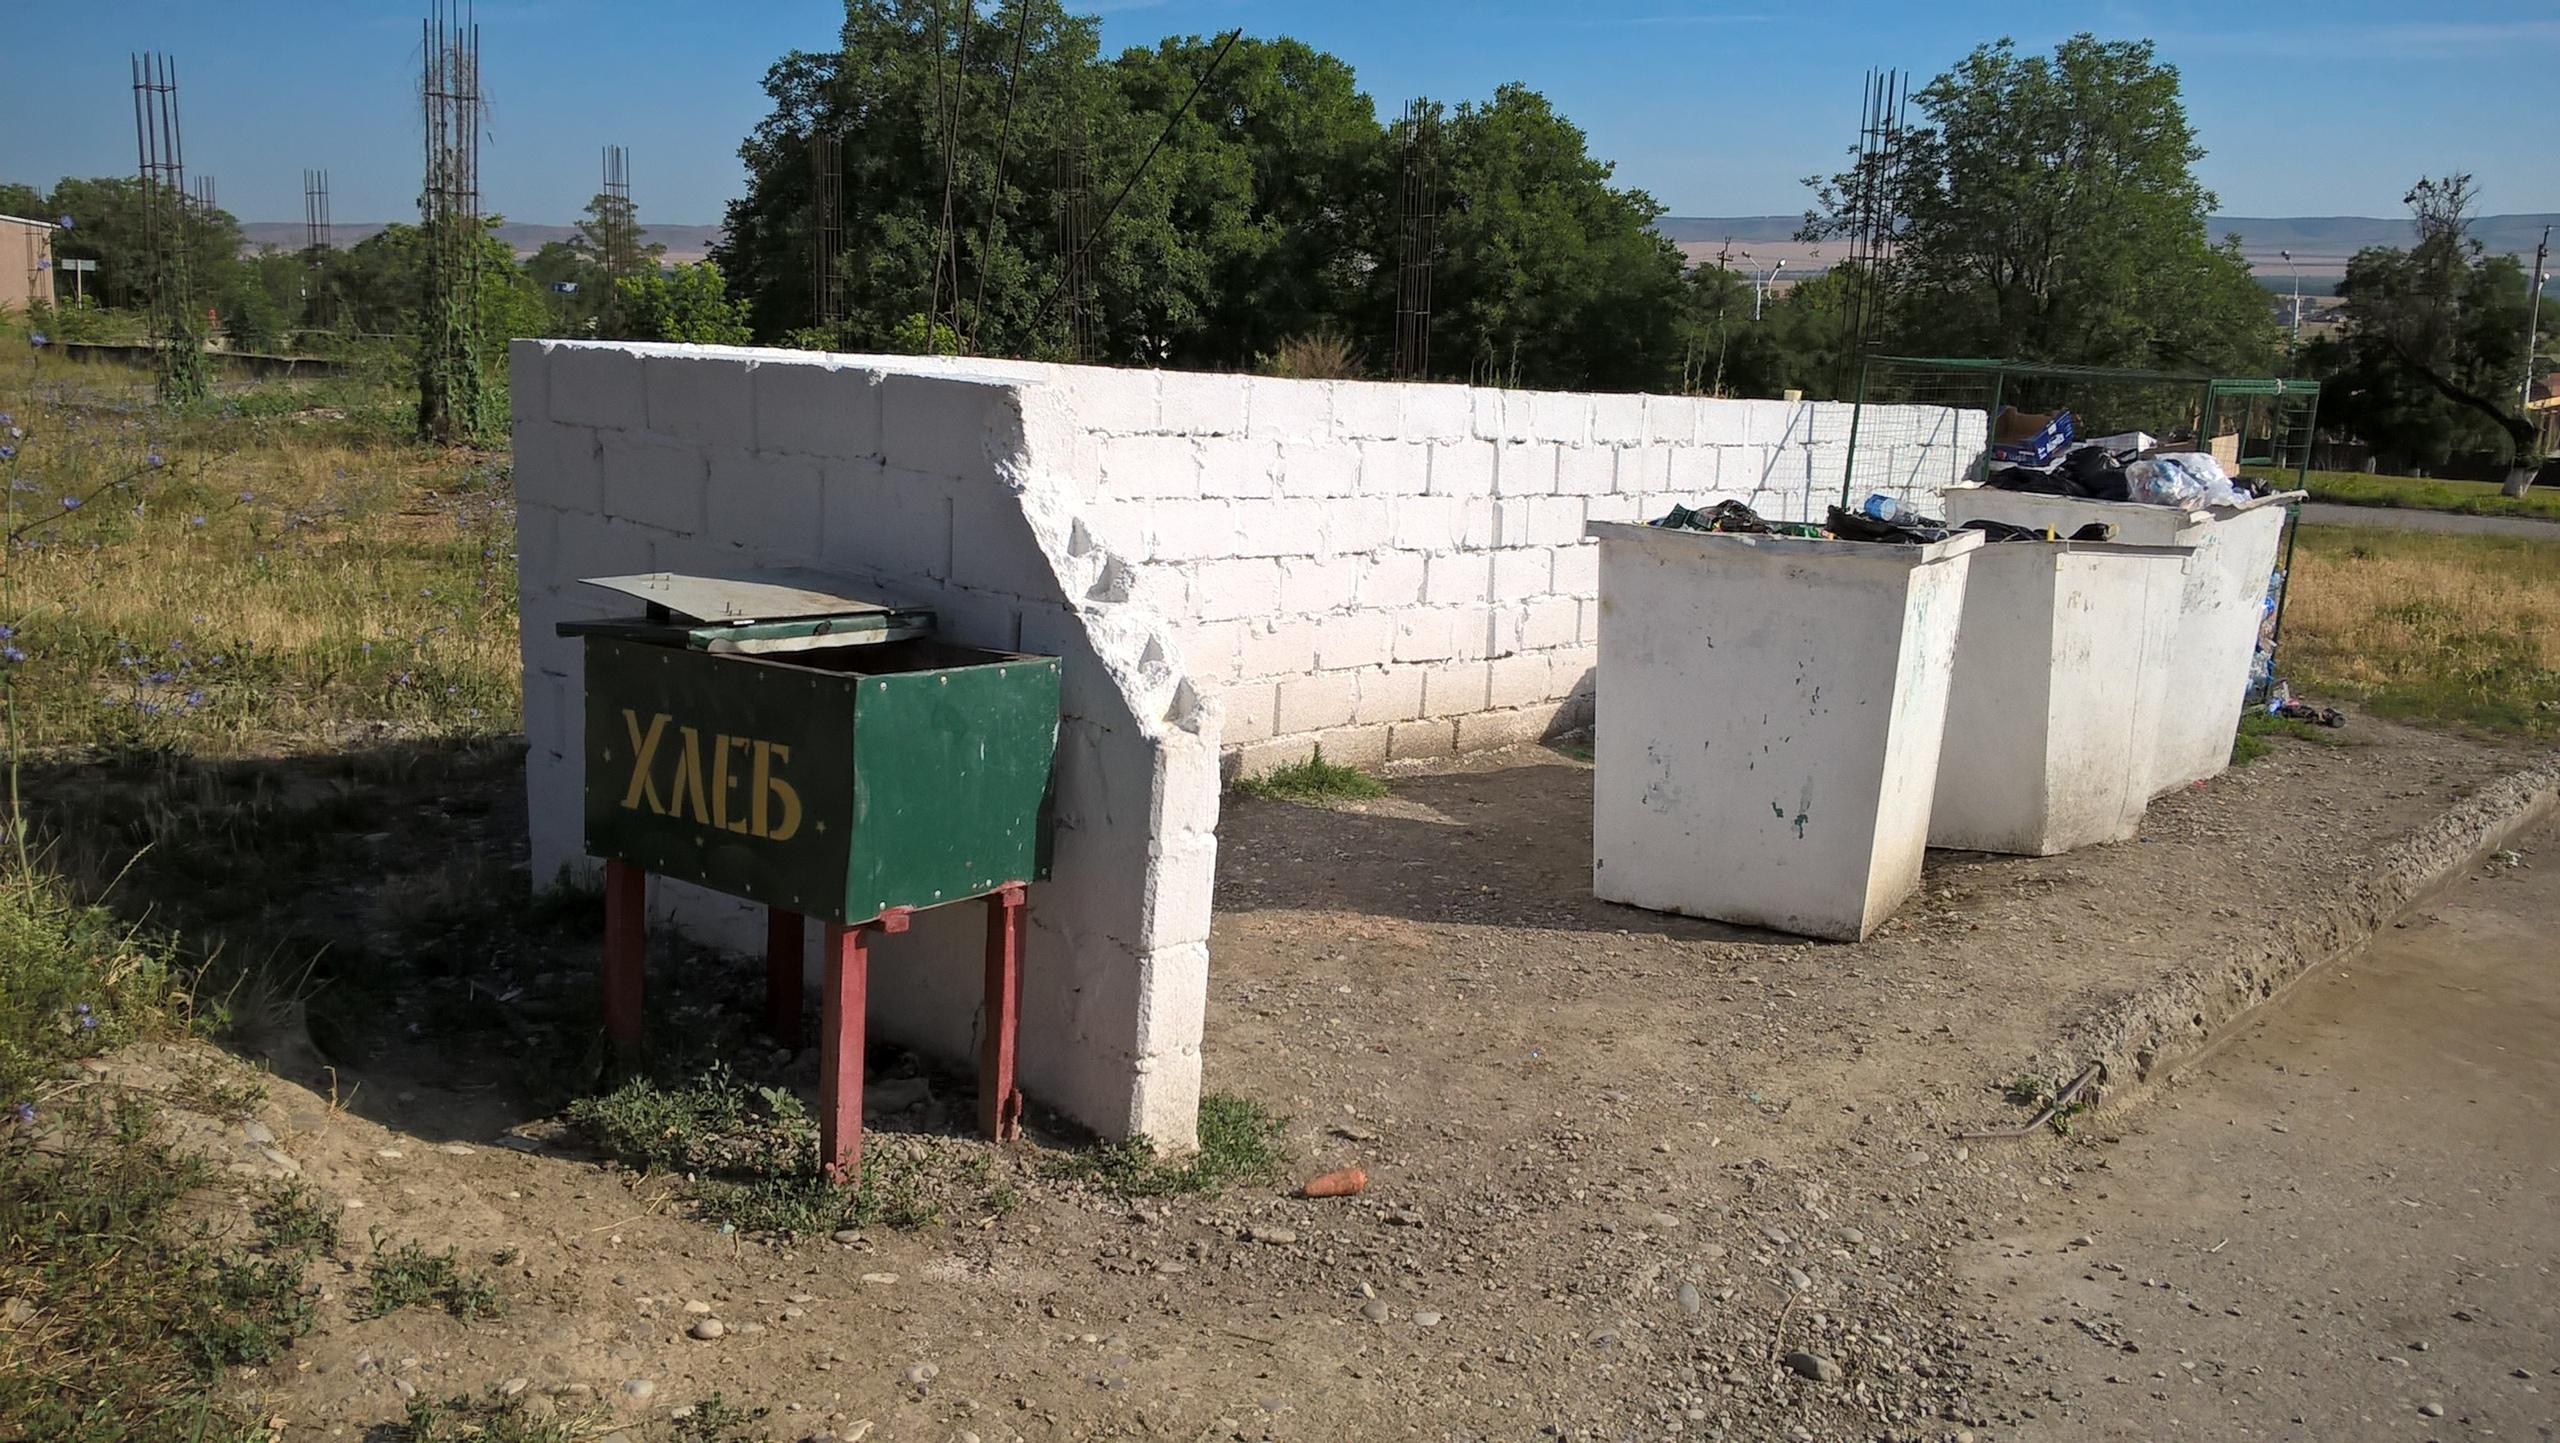 хлебо-сборник около мусорки в Чечне